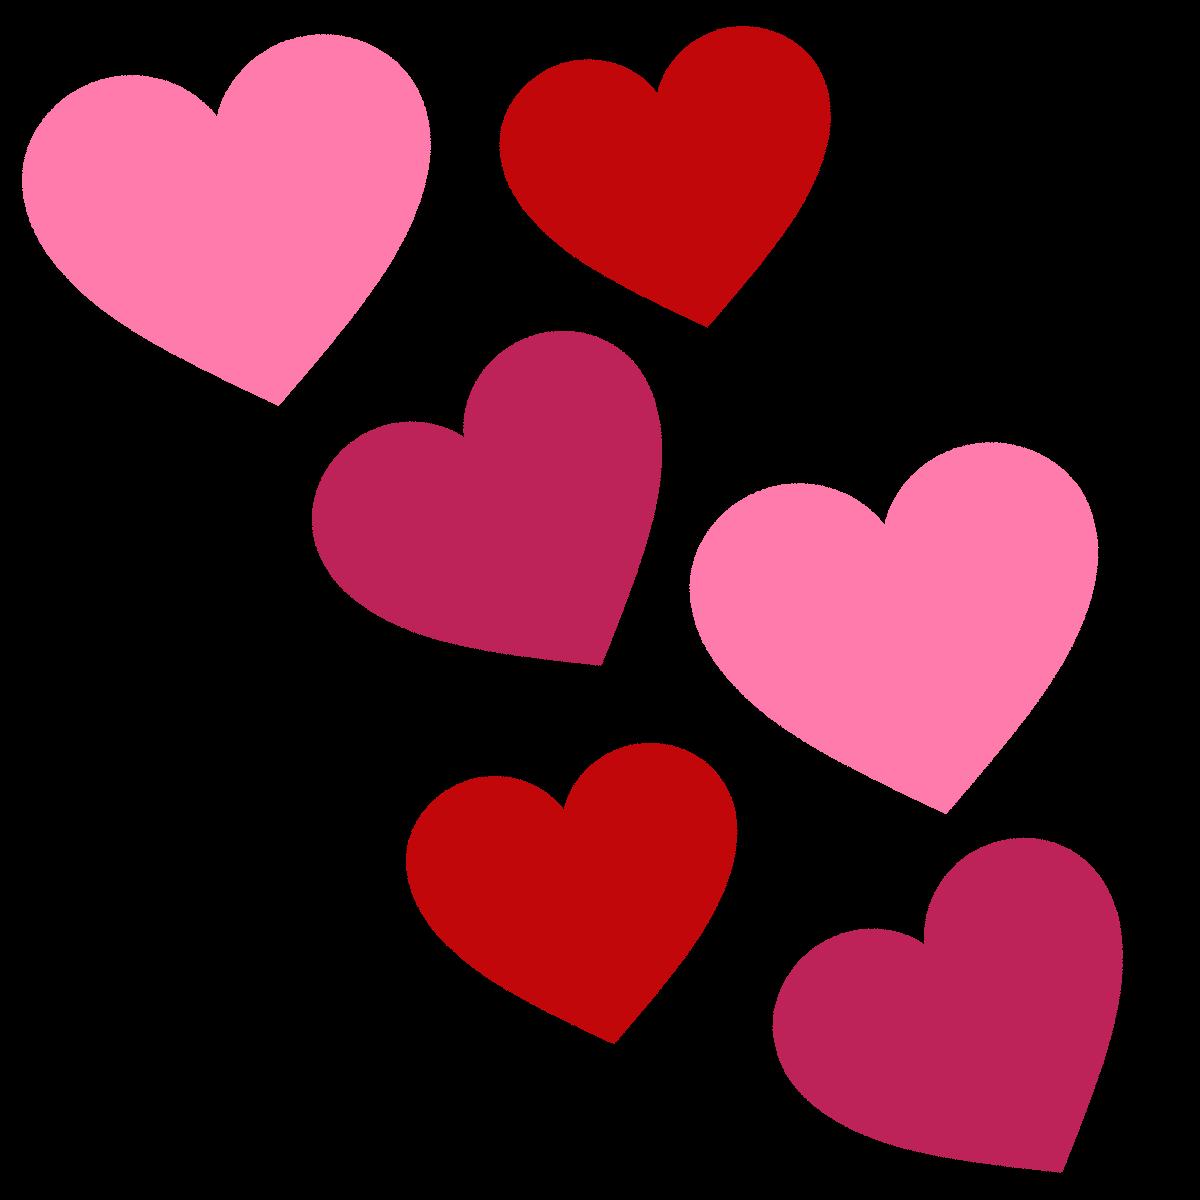 Heart fotolip com rich. Hearts clipart handwritten